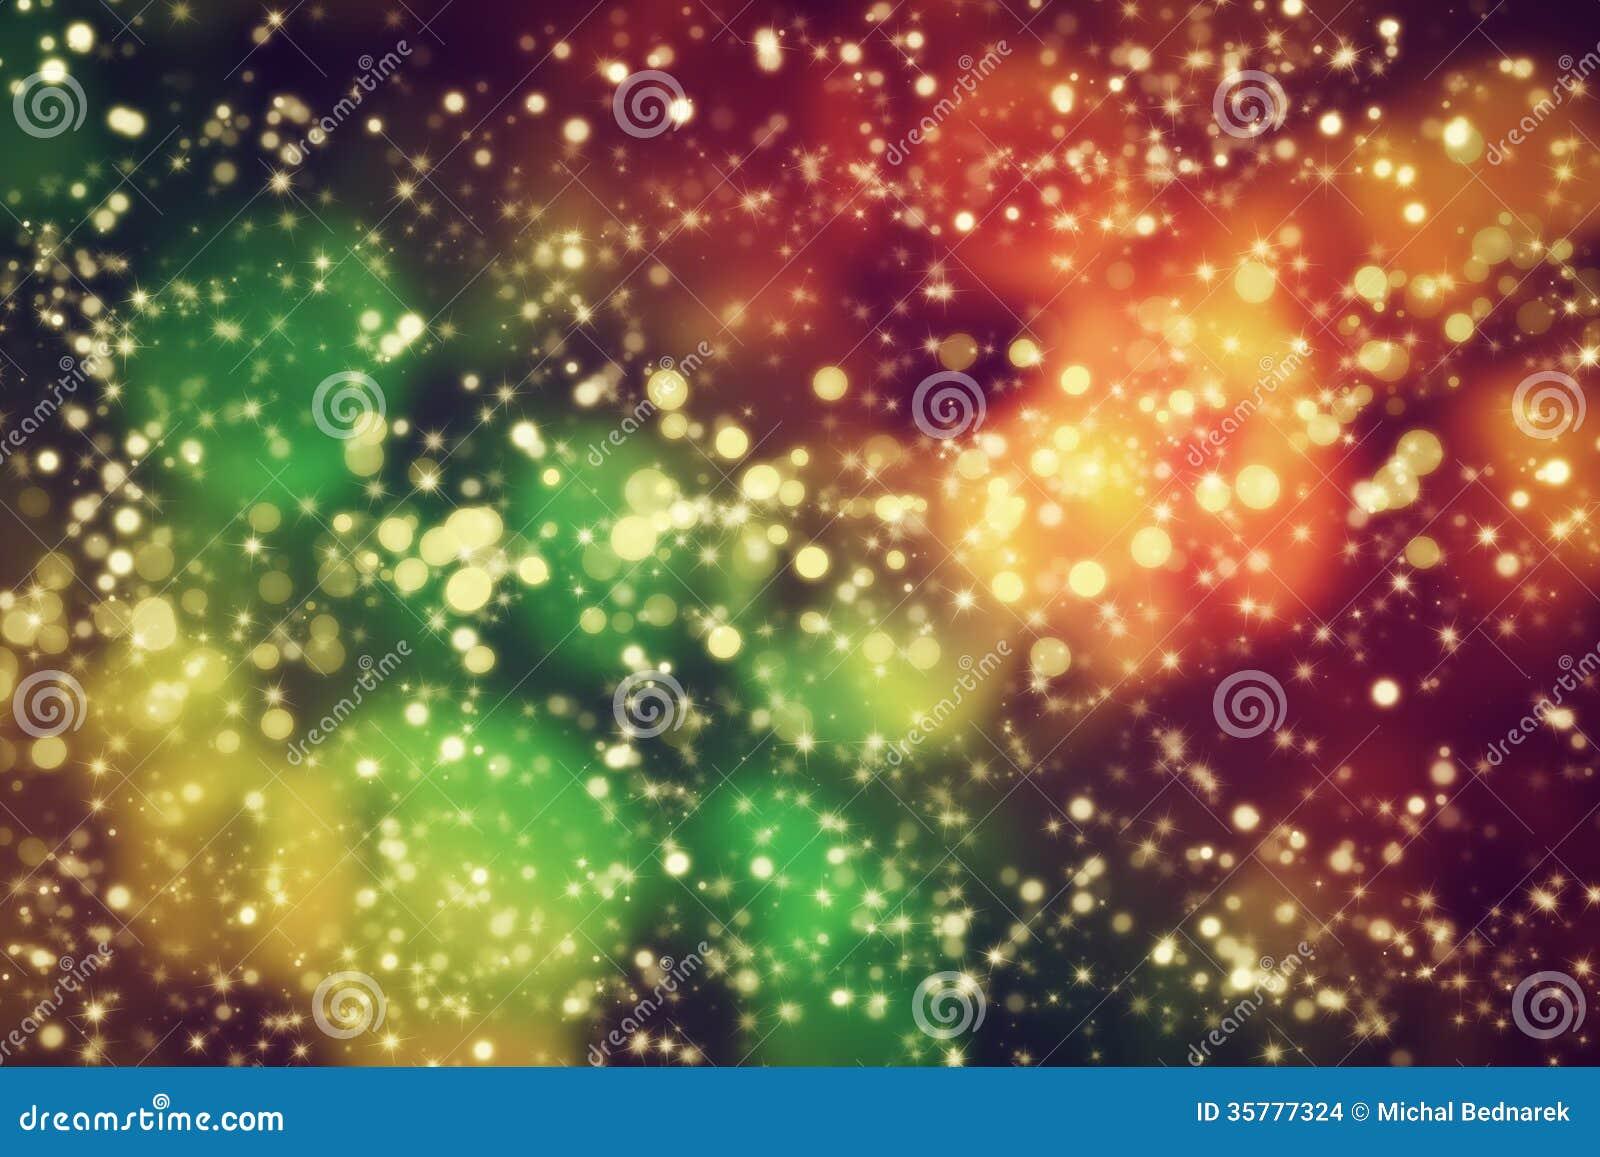 Galaktyka, astronautyczny abstrakcjonistyczny tło.